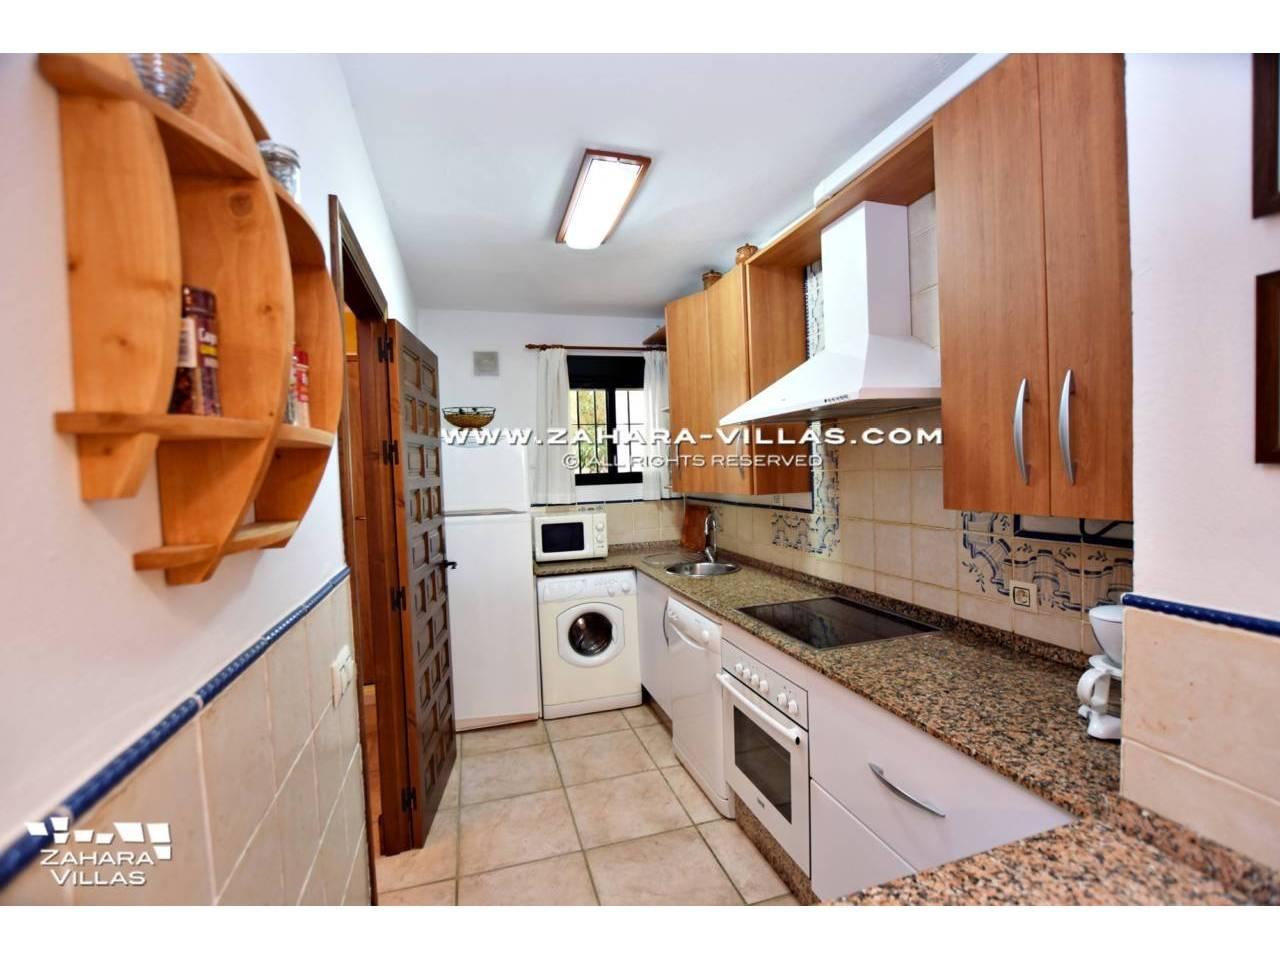 Imagen 3 de Apartamento en venta en urbanización Jardines de Zahara